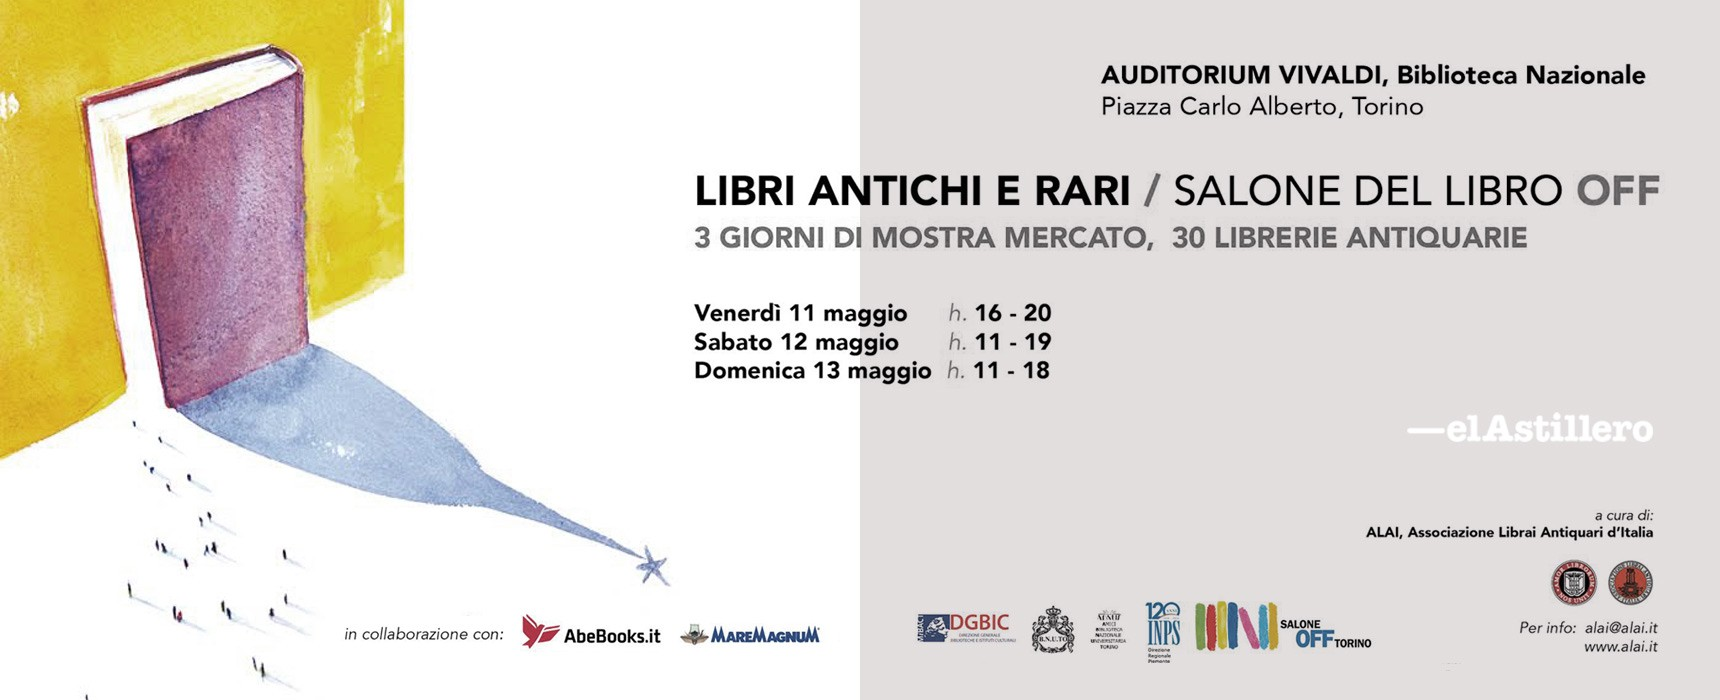 Feria del Libro en Torino